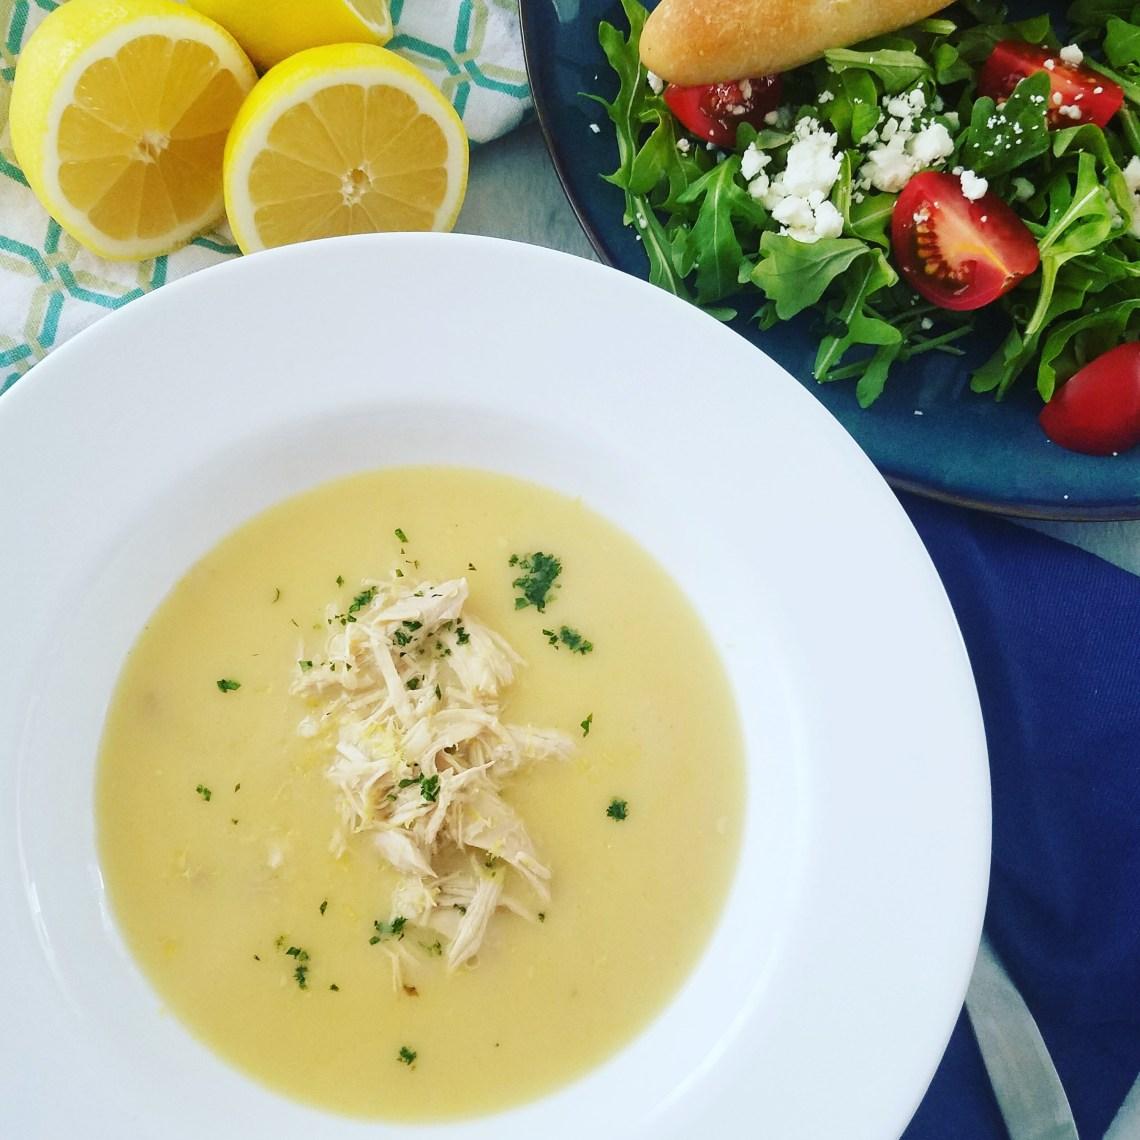 Avgolemono Soup with Greek Salad and Lemons